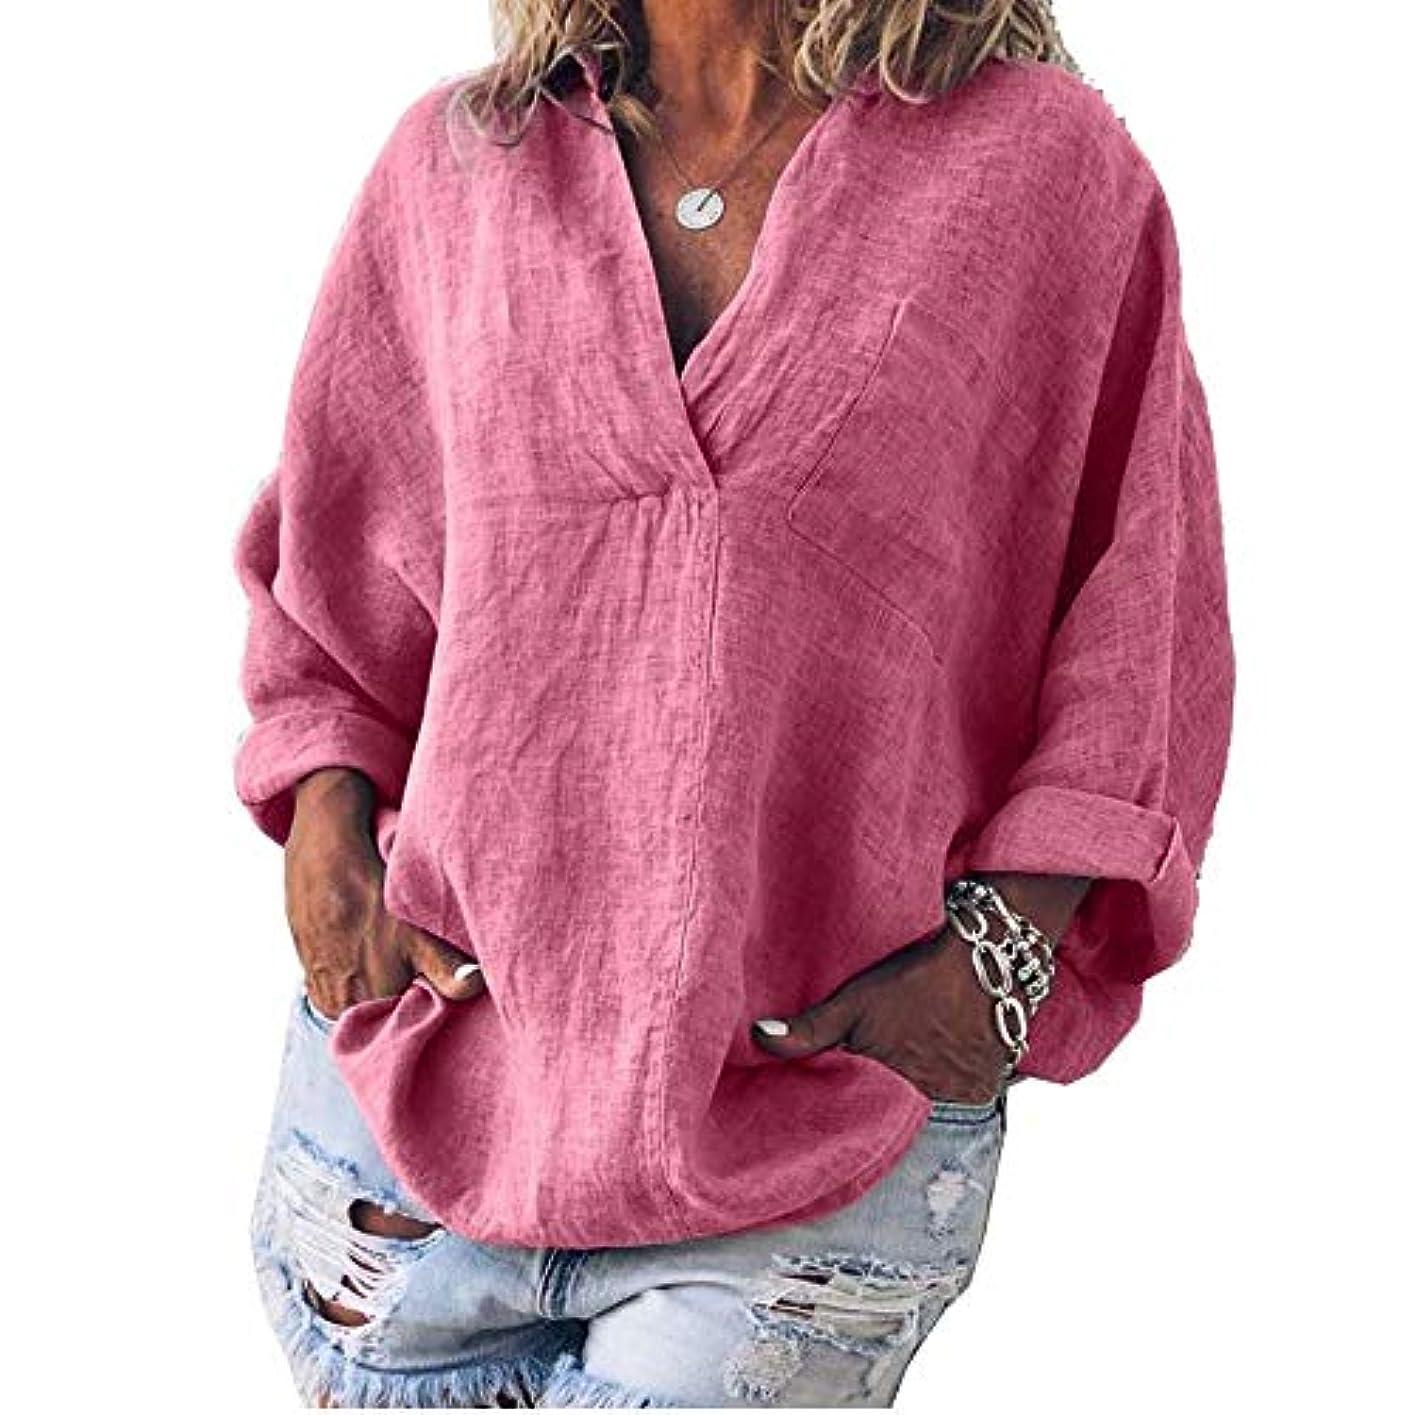 マイルドランダム同情MIFAN女性ファッション春夏チュニックトップス深いVネックTシャツ長袖プルオーバールーズリネンブラウス